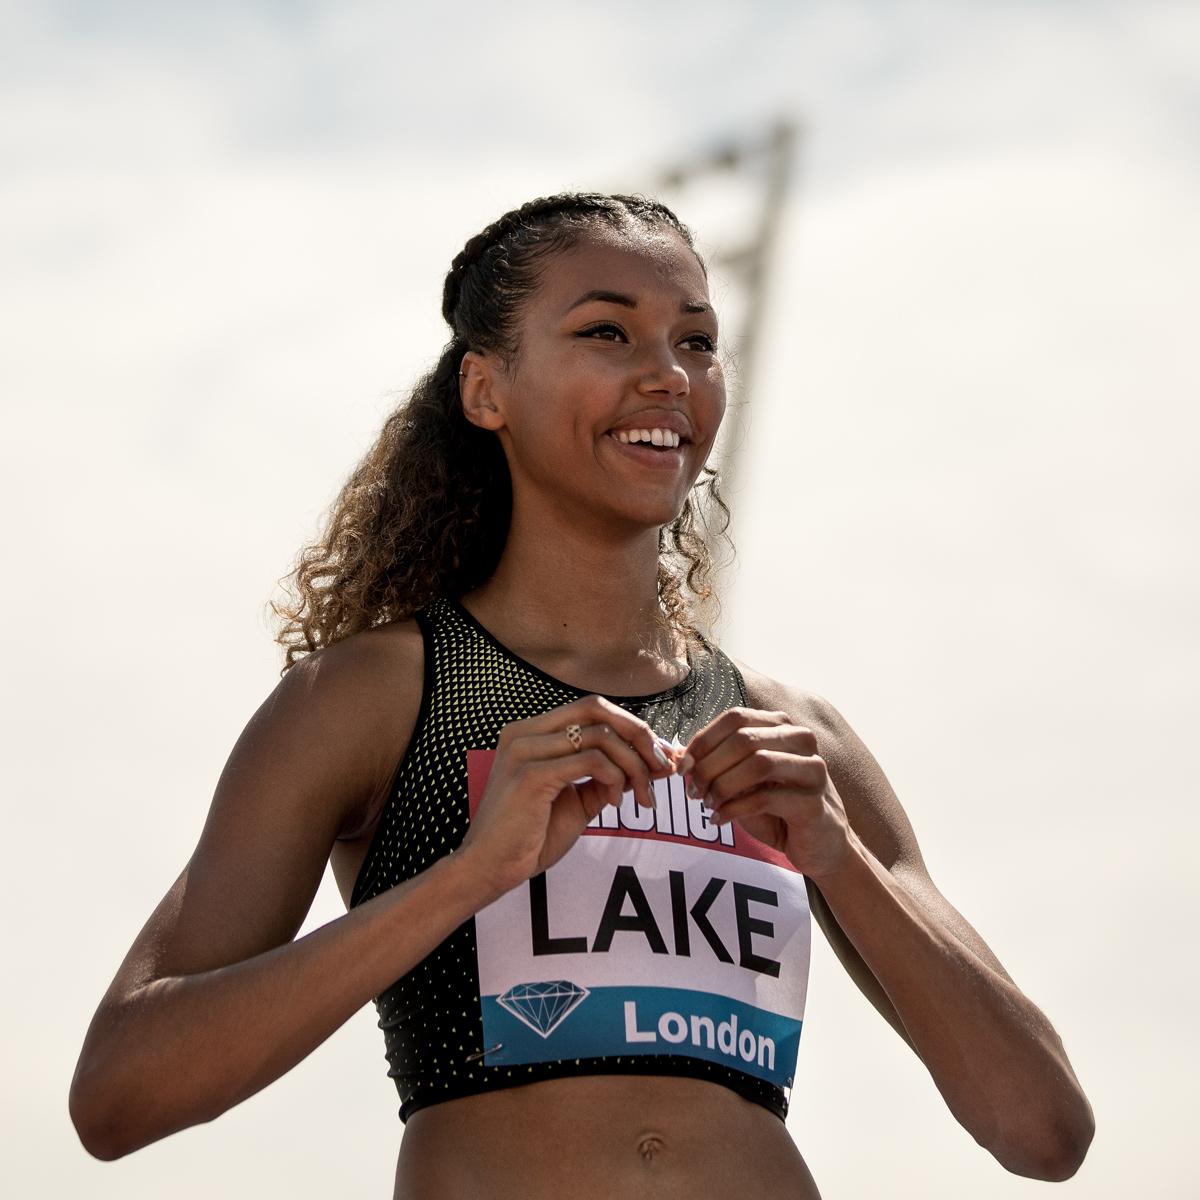 morgan lake athlete